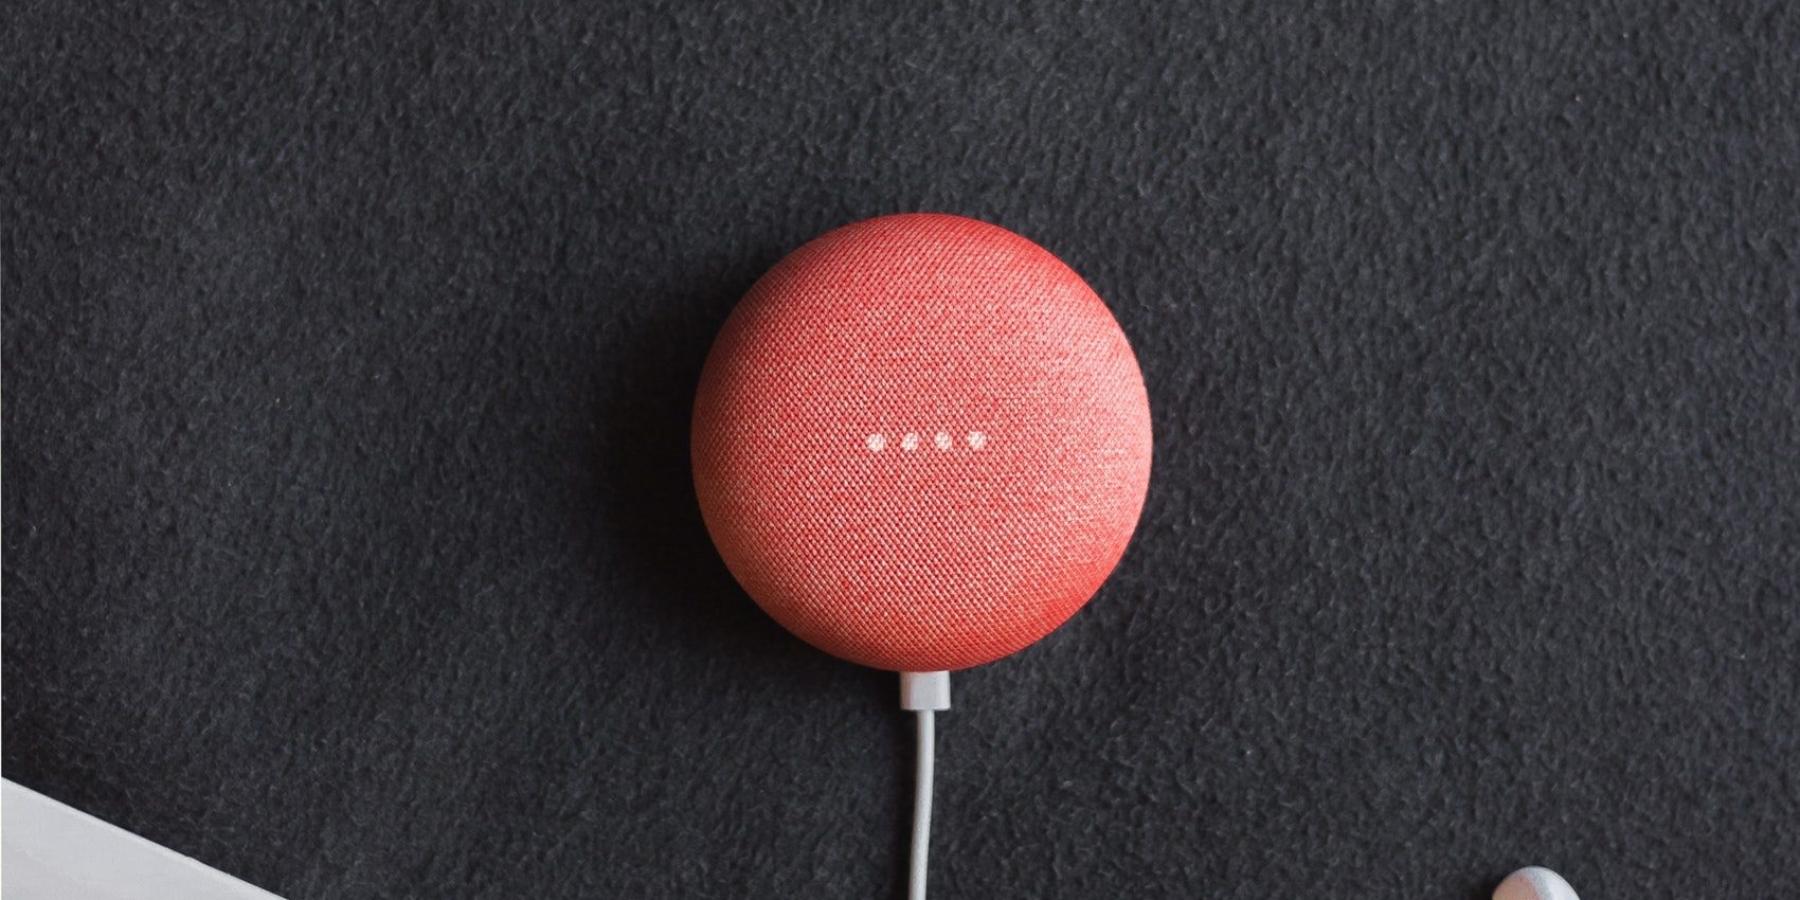 Wtopa Google! Najnowsze głośniki Home Mini podsłuchiwały swoich użytkowników 24 godziny nadobę!